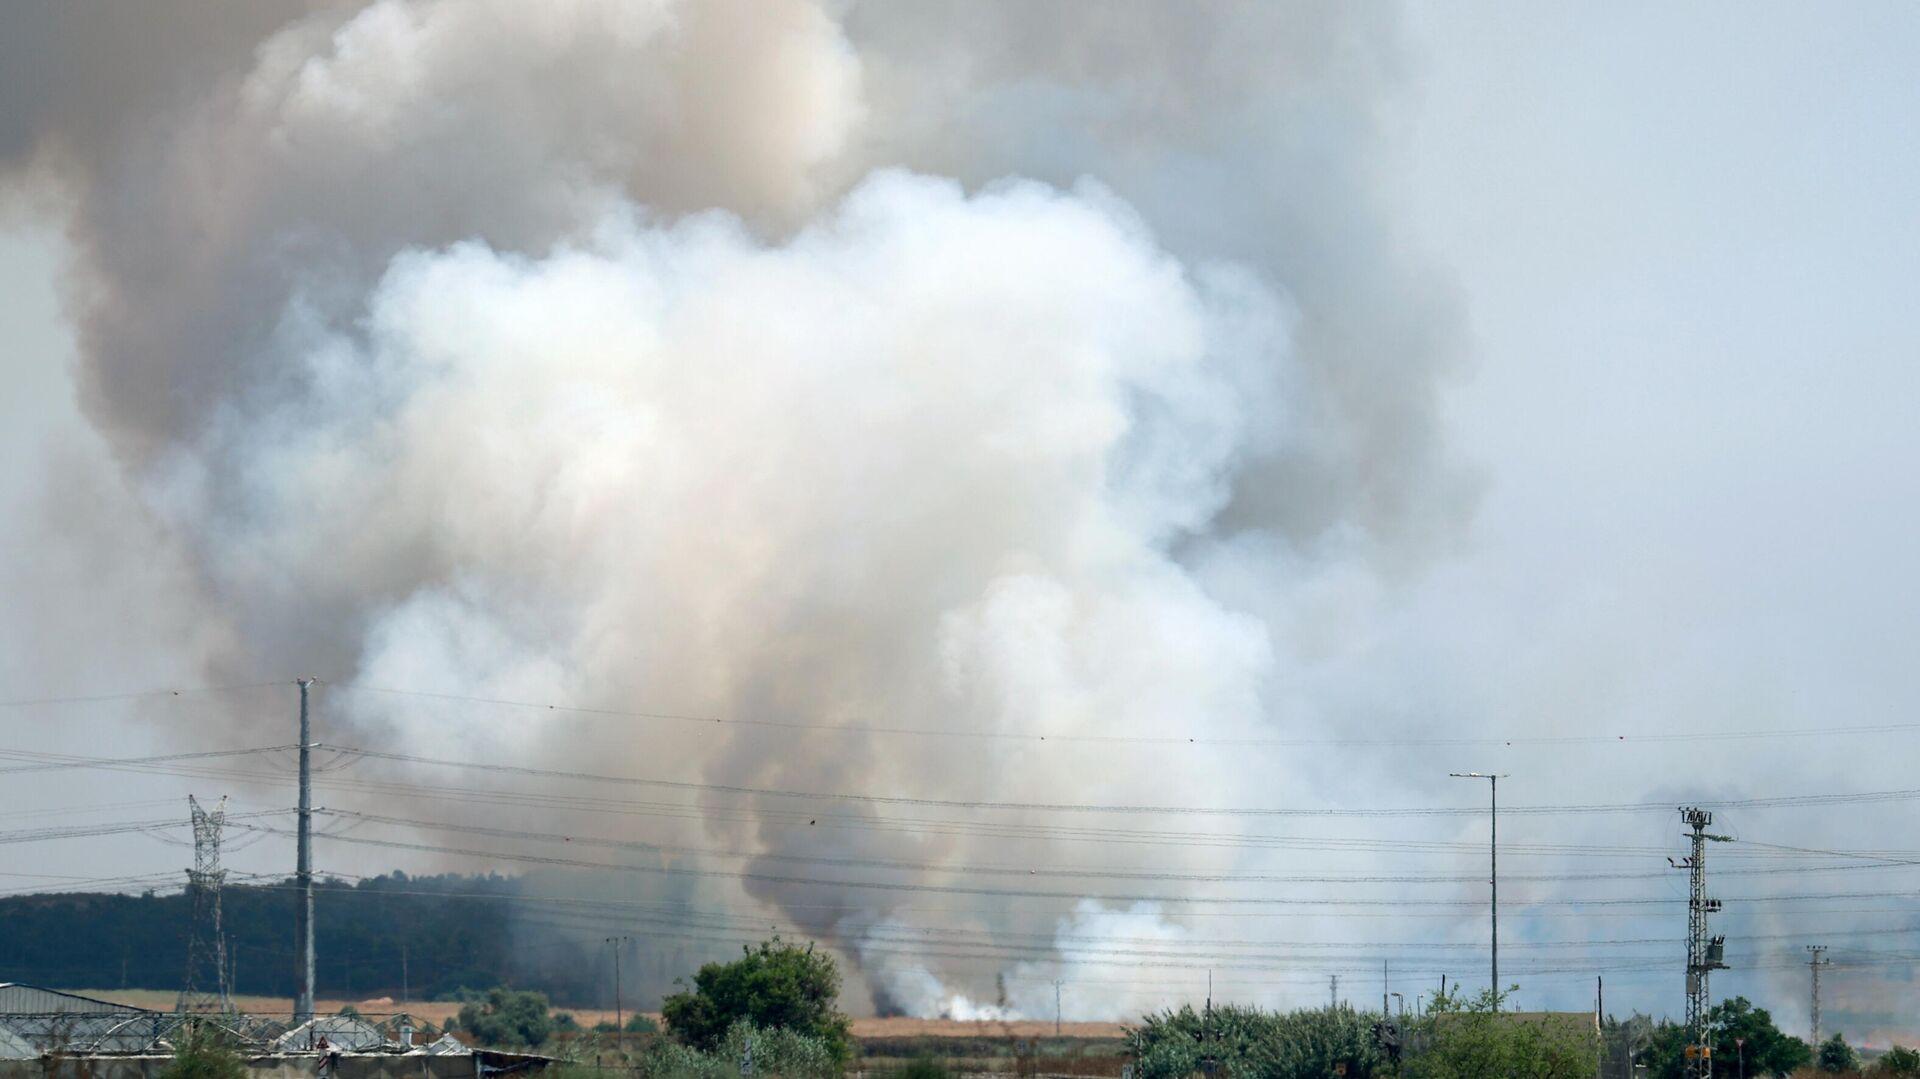 Пожар в поле, вызванный попаданием ракеты,  возле кибуца Гварам на юге Израиля - РИА Новости, 1920, 19.05.2021